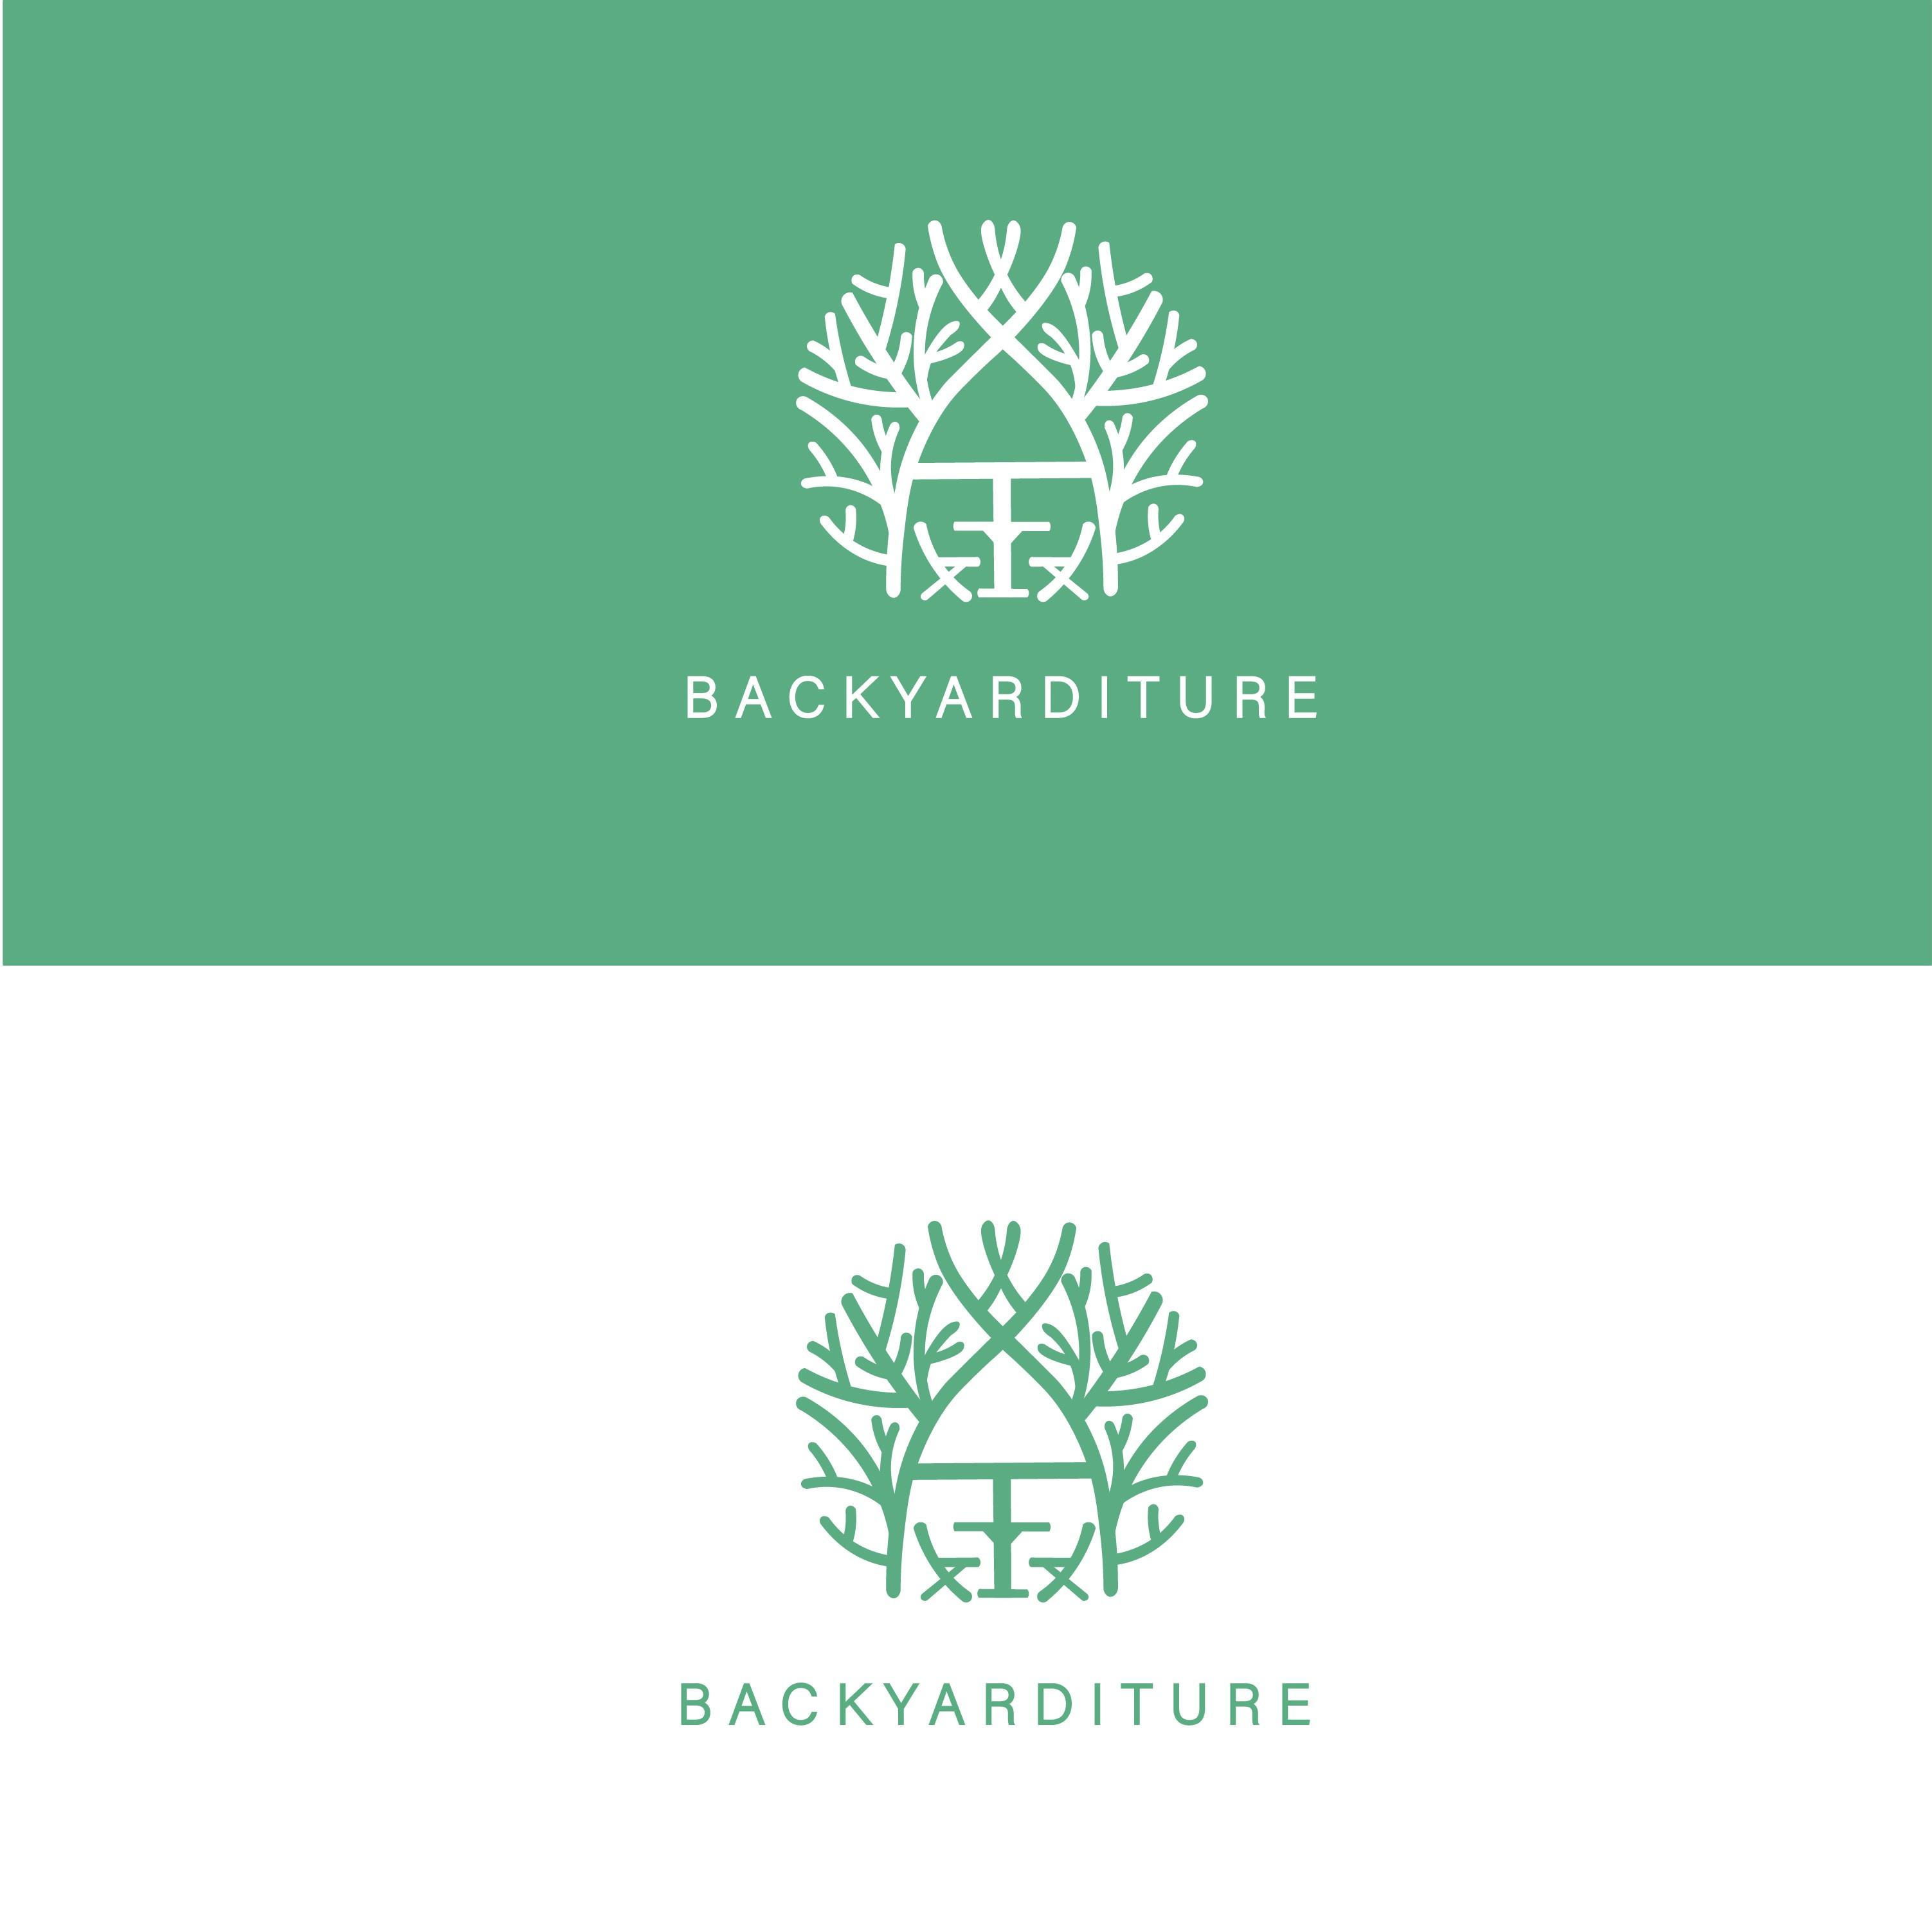 Backyarditure